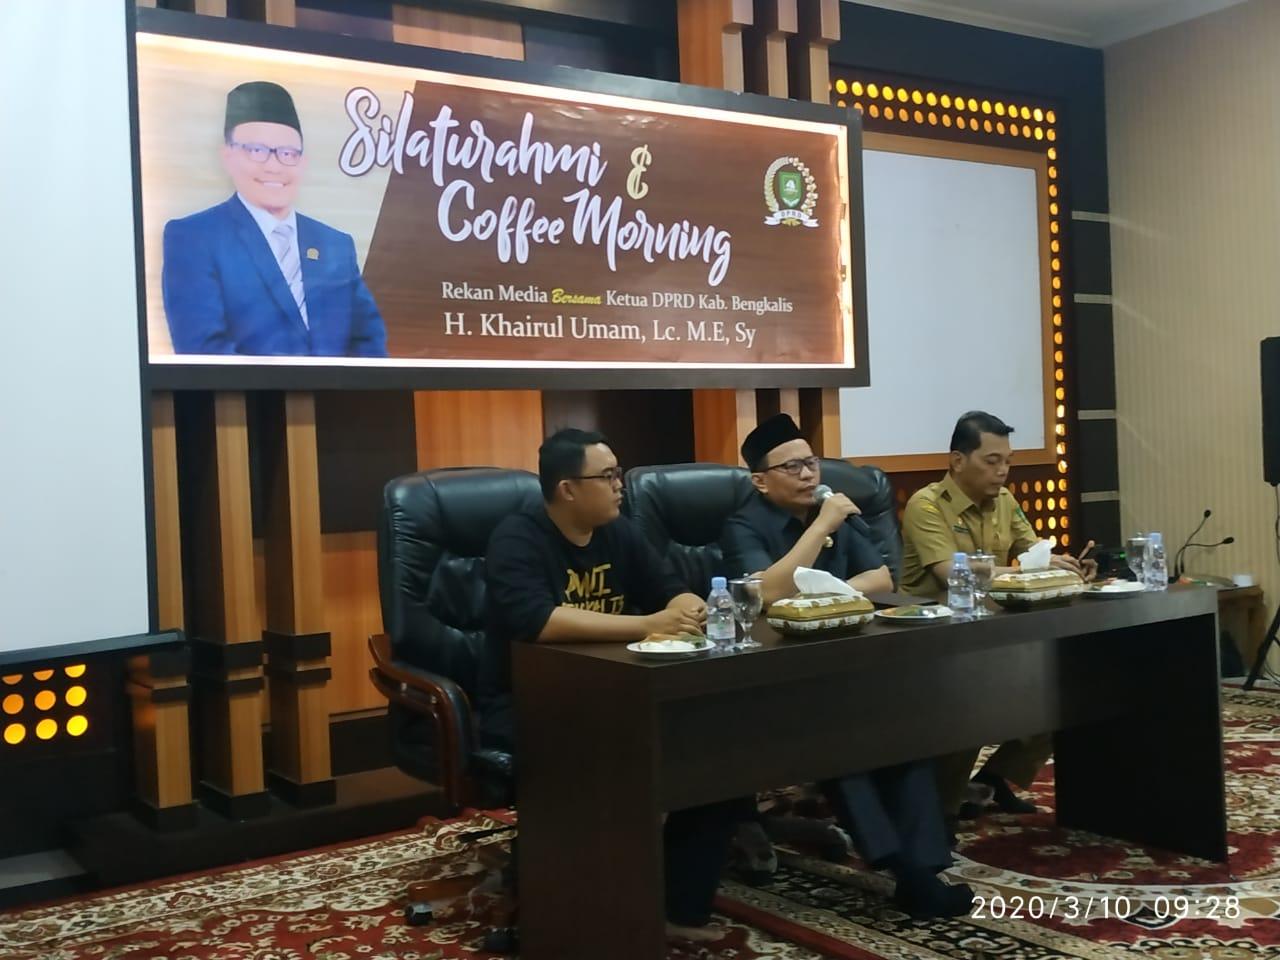 Ketua DPRD Bengkalis Gelar Coffe Morning, silaturahim Bersama Insan Pers